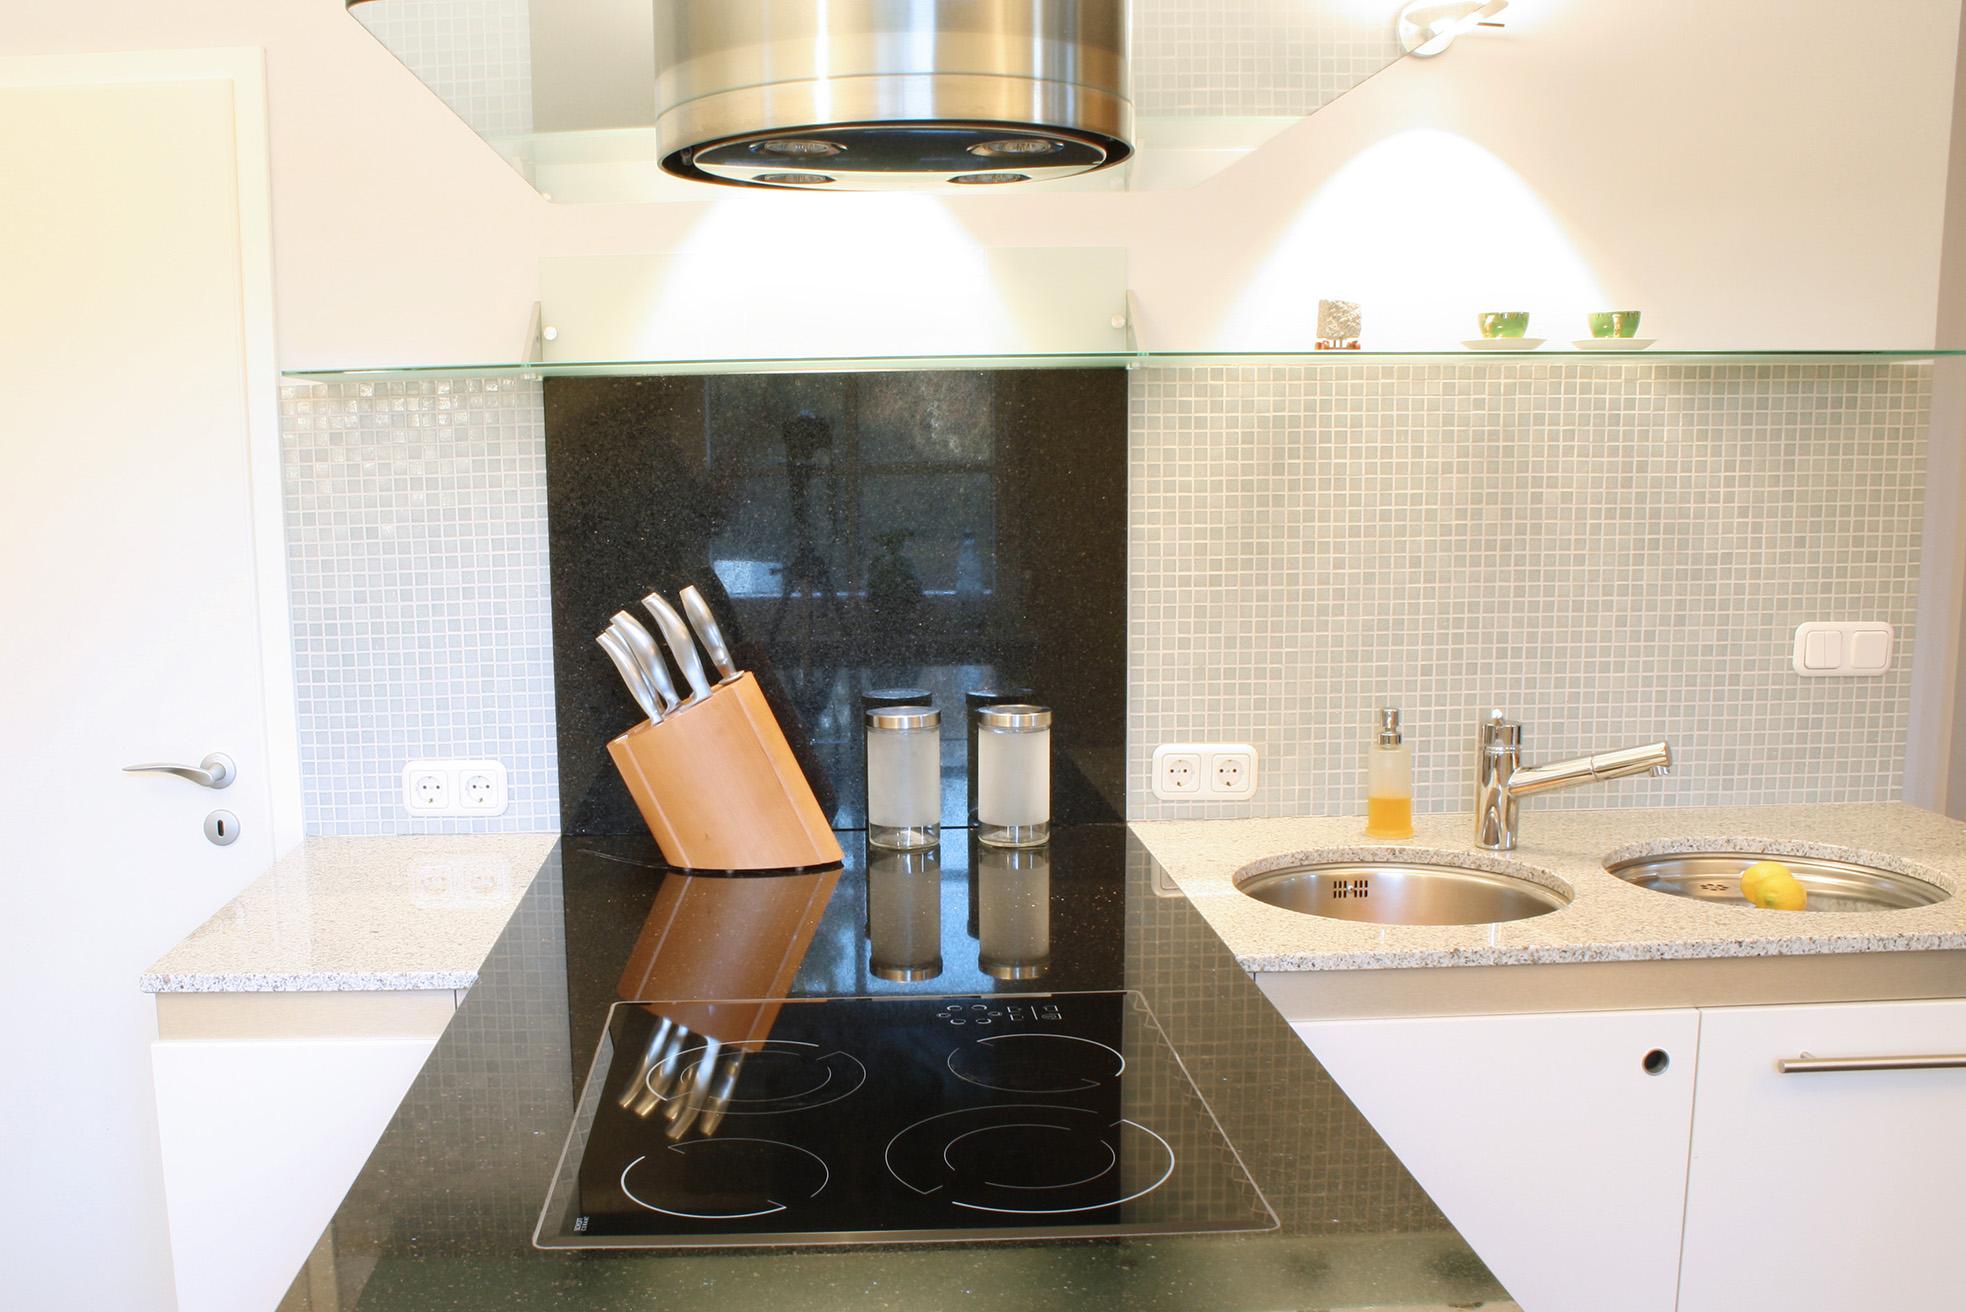 Atemberaubend Low Budget Küche Design Bilder - Küchenschrank Ideen ...